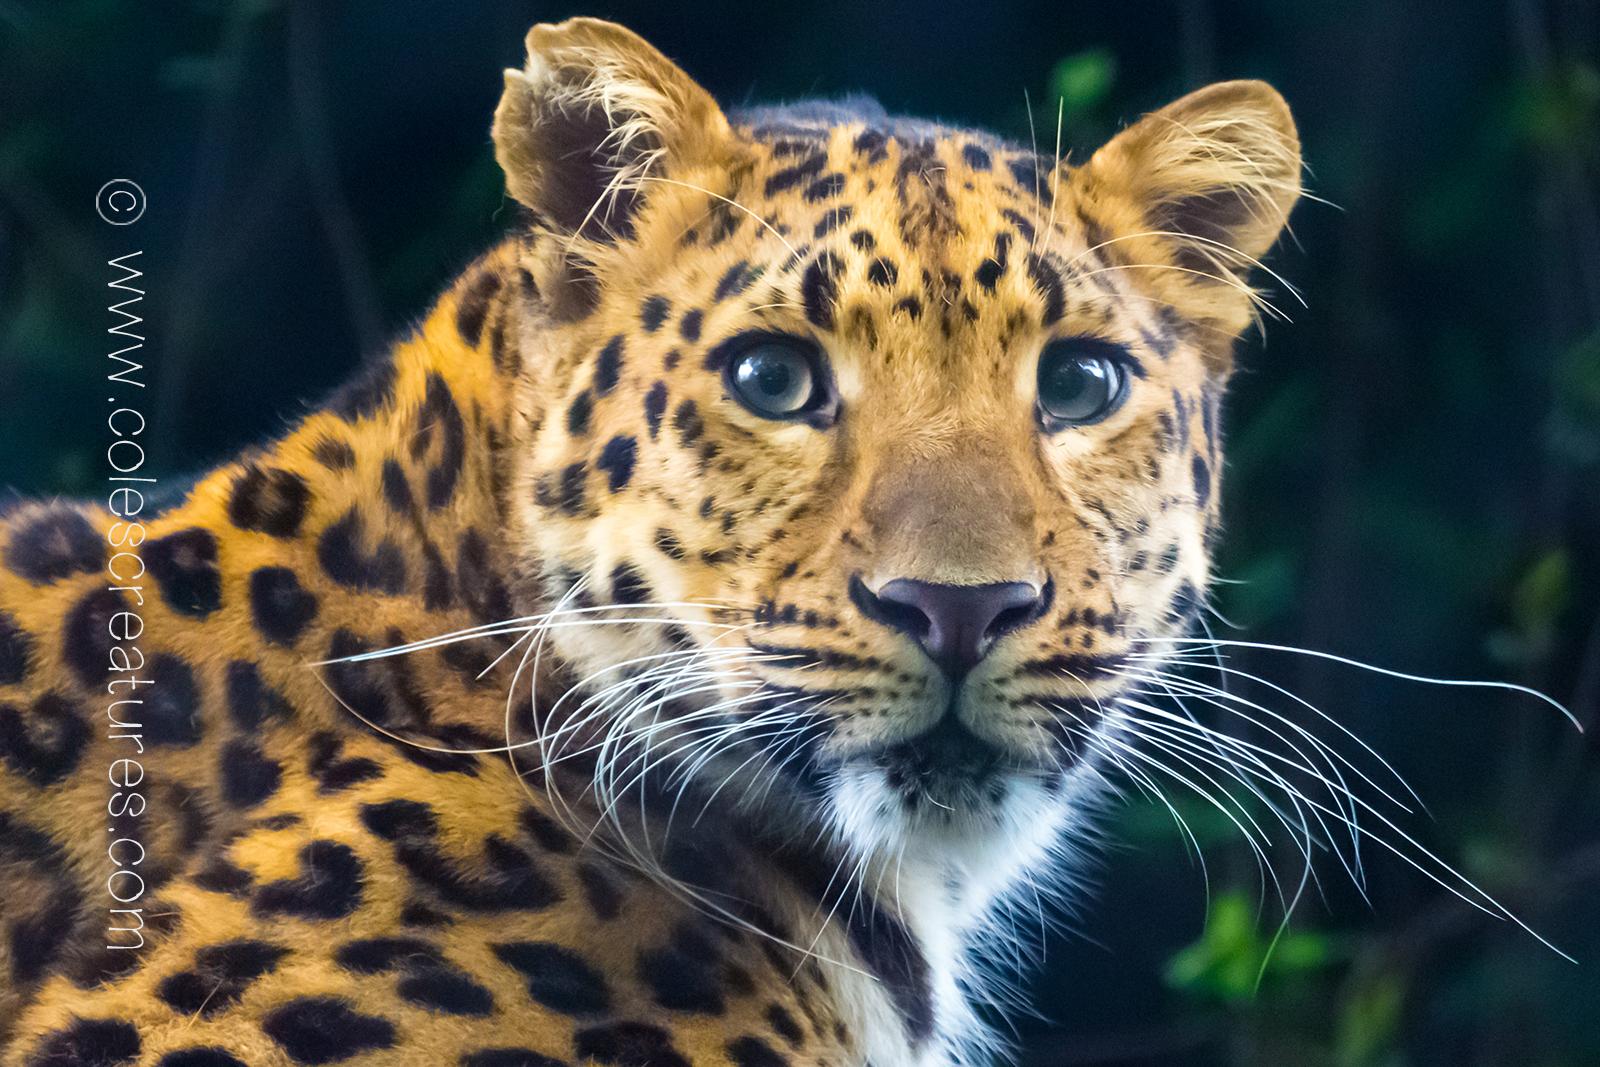 leopard-wallpaper